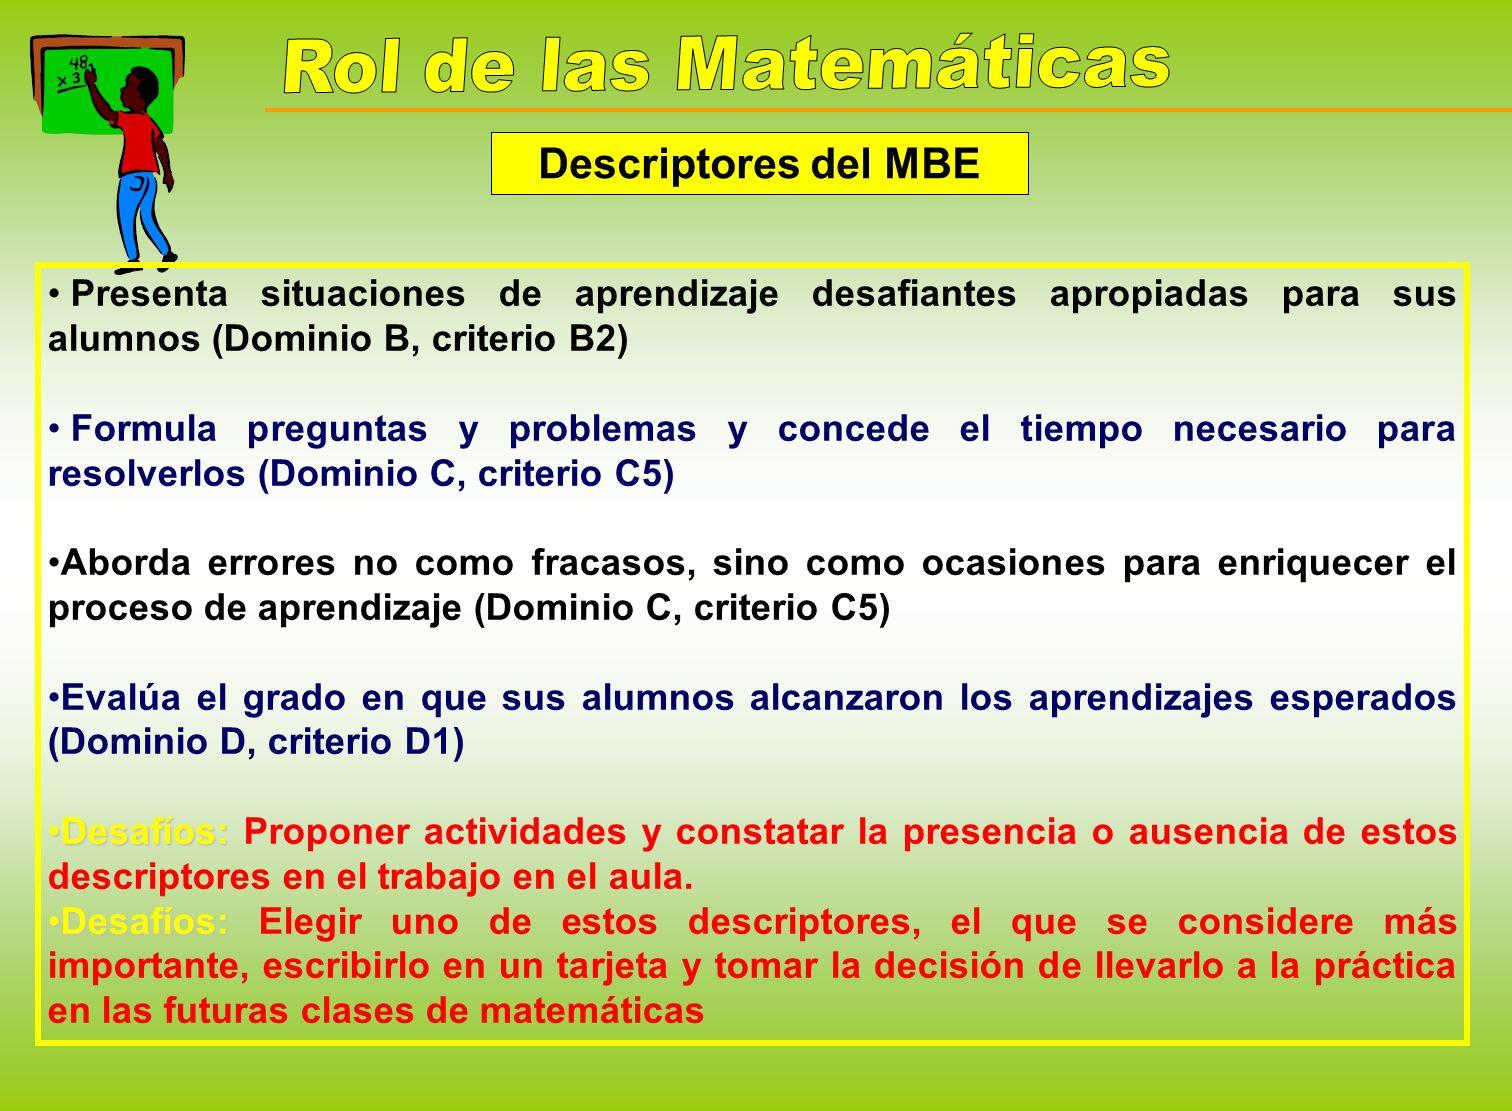 Rol de las Matemáticas Descriptores del MBE. Presenta situaciones de aprendizaje desafiantes apropiadas para sus alumnos (Dominio B, criterio B2)